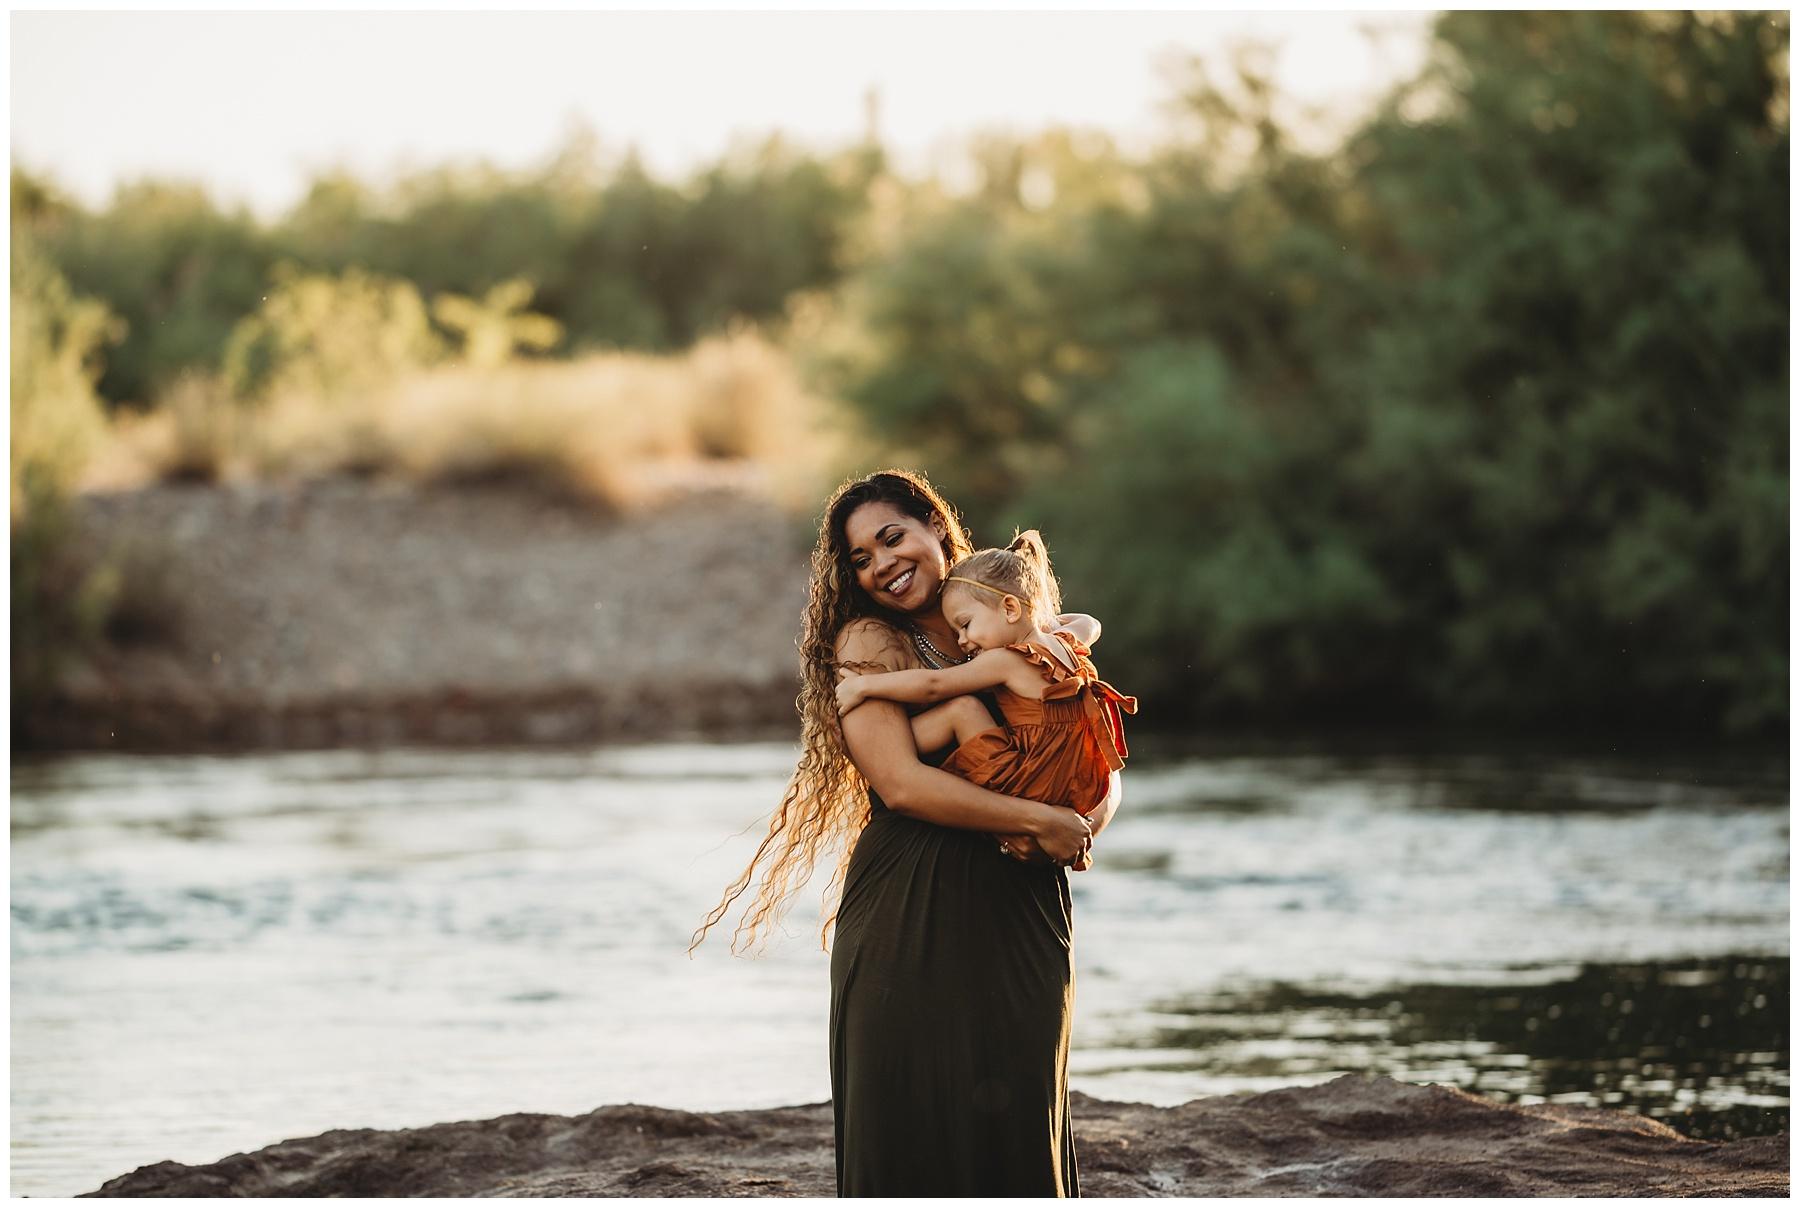 Lauren_Sipe_Family_2018-105_WEB.jpg